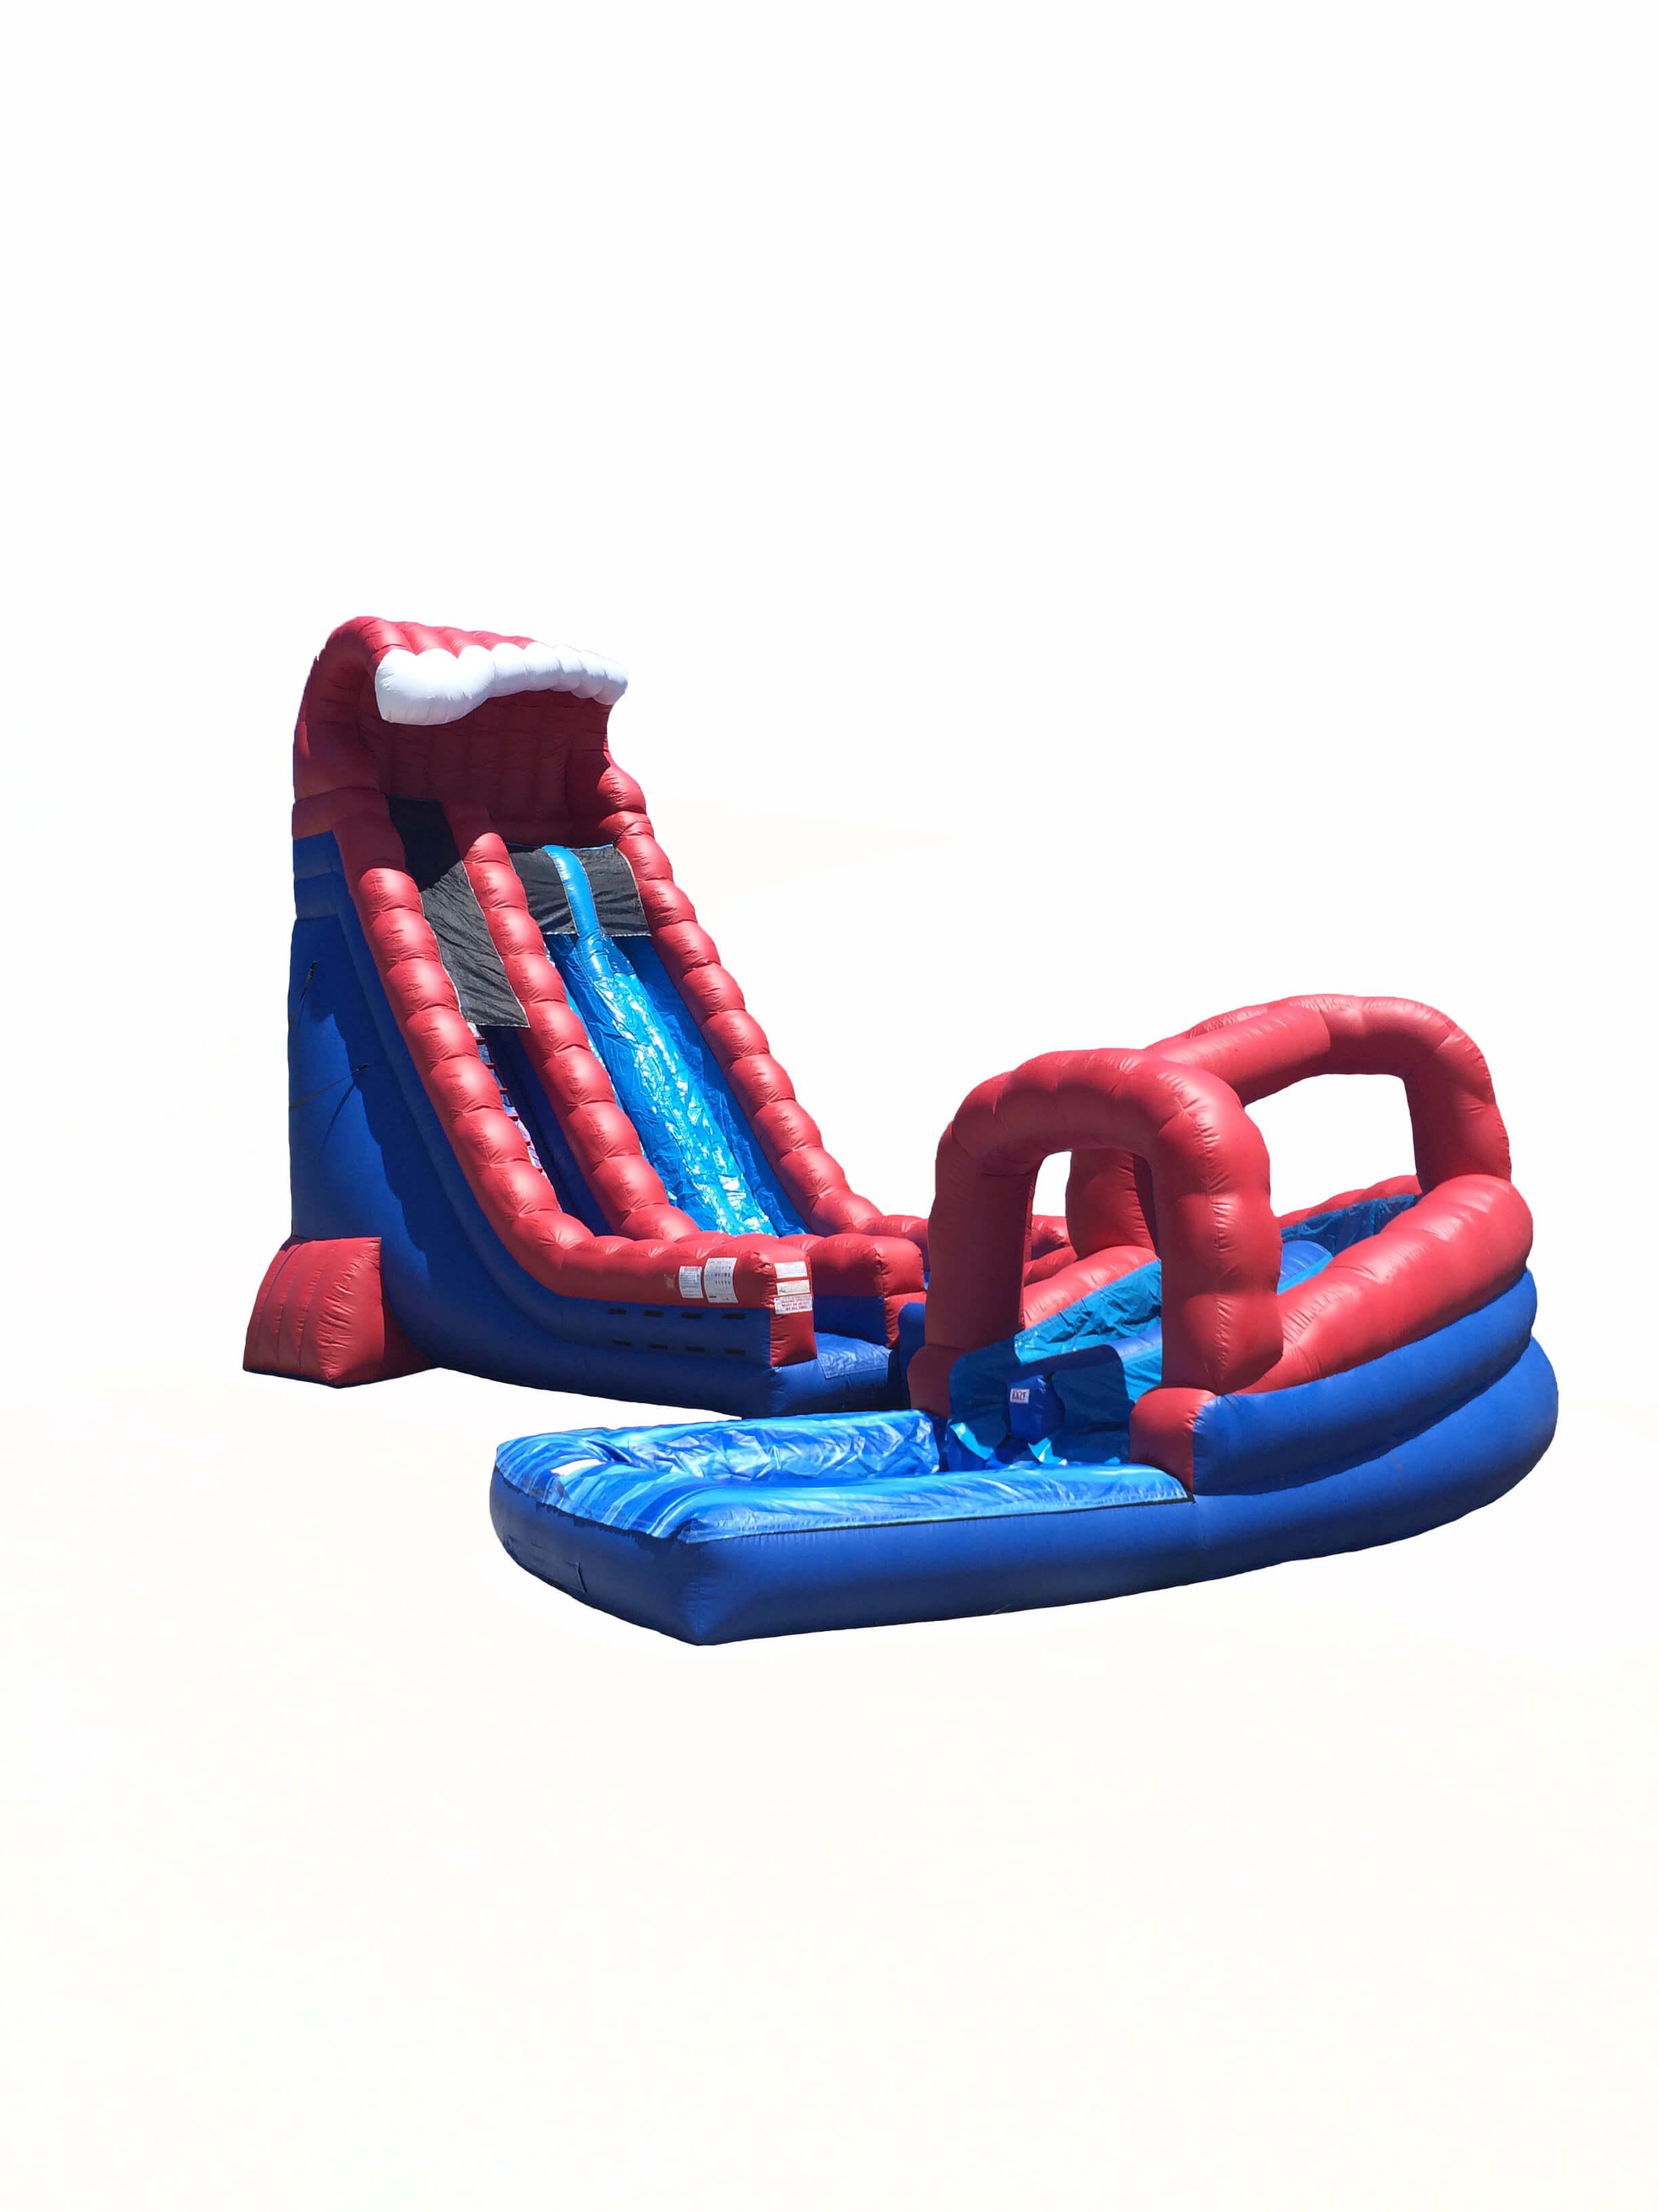 30u2032 red white and blue crush slip u0027n slide - Inflatable Water Slide